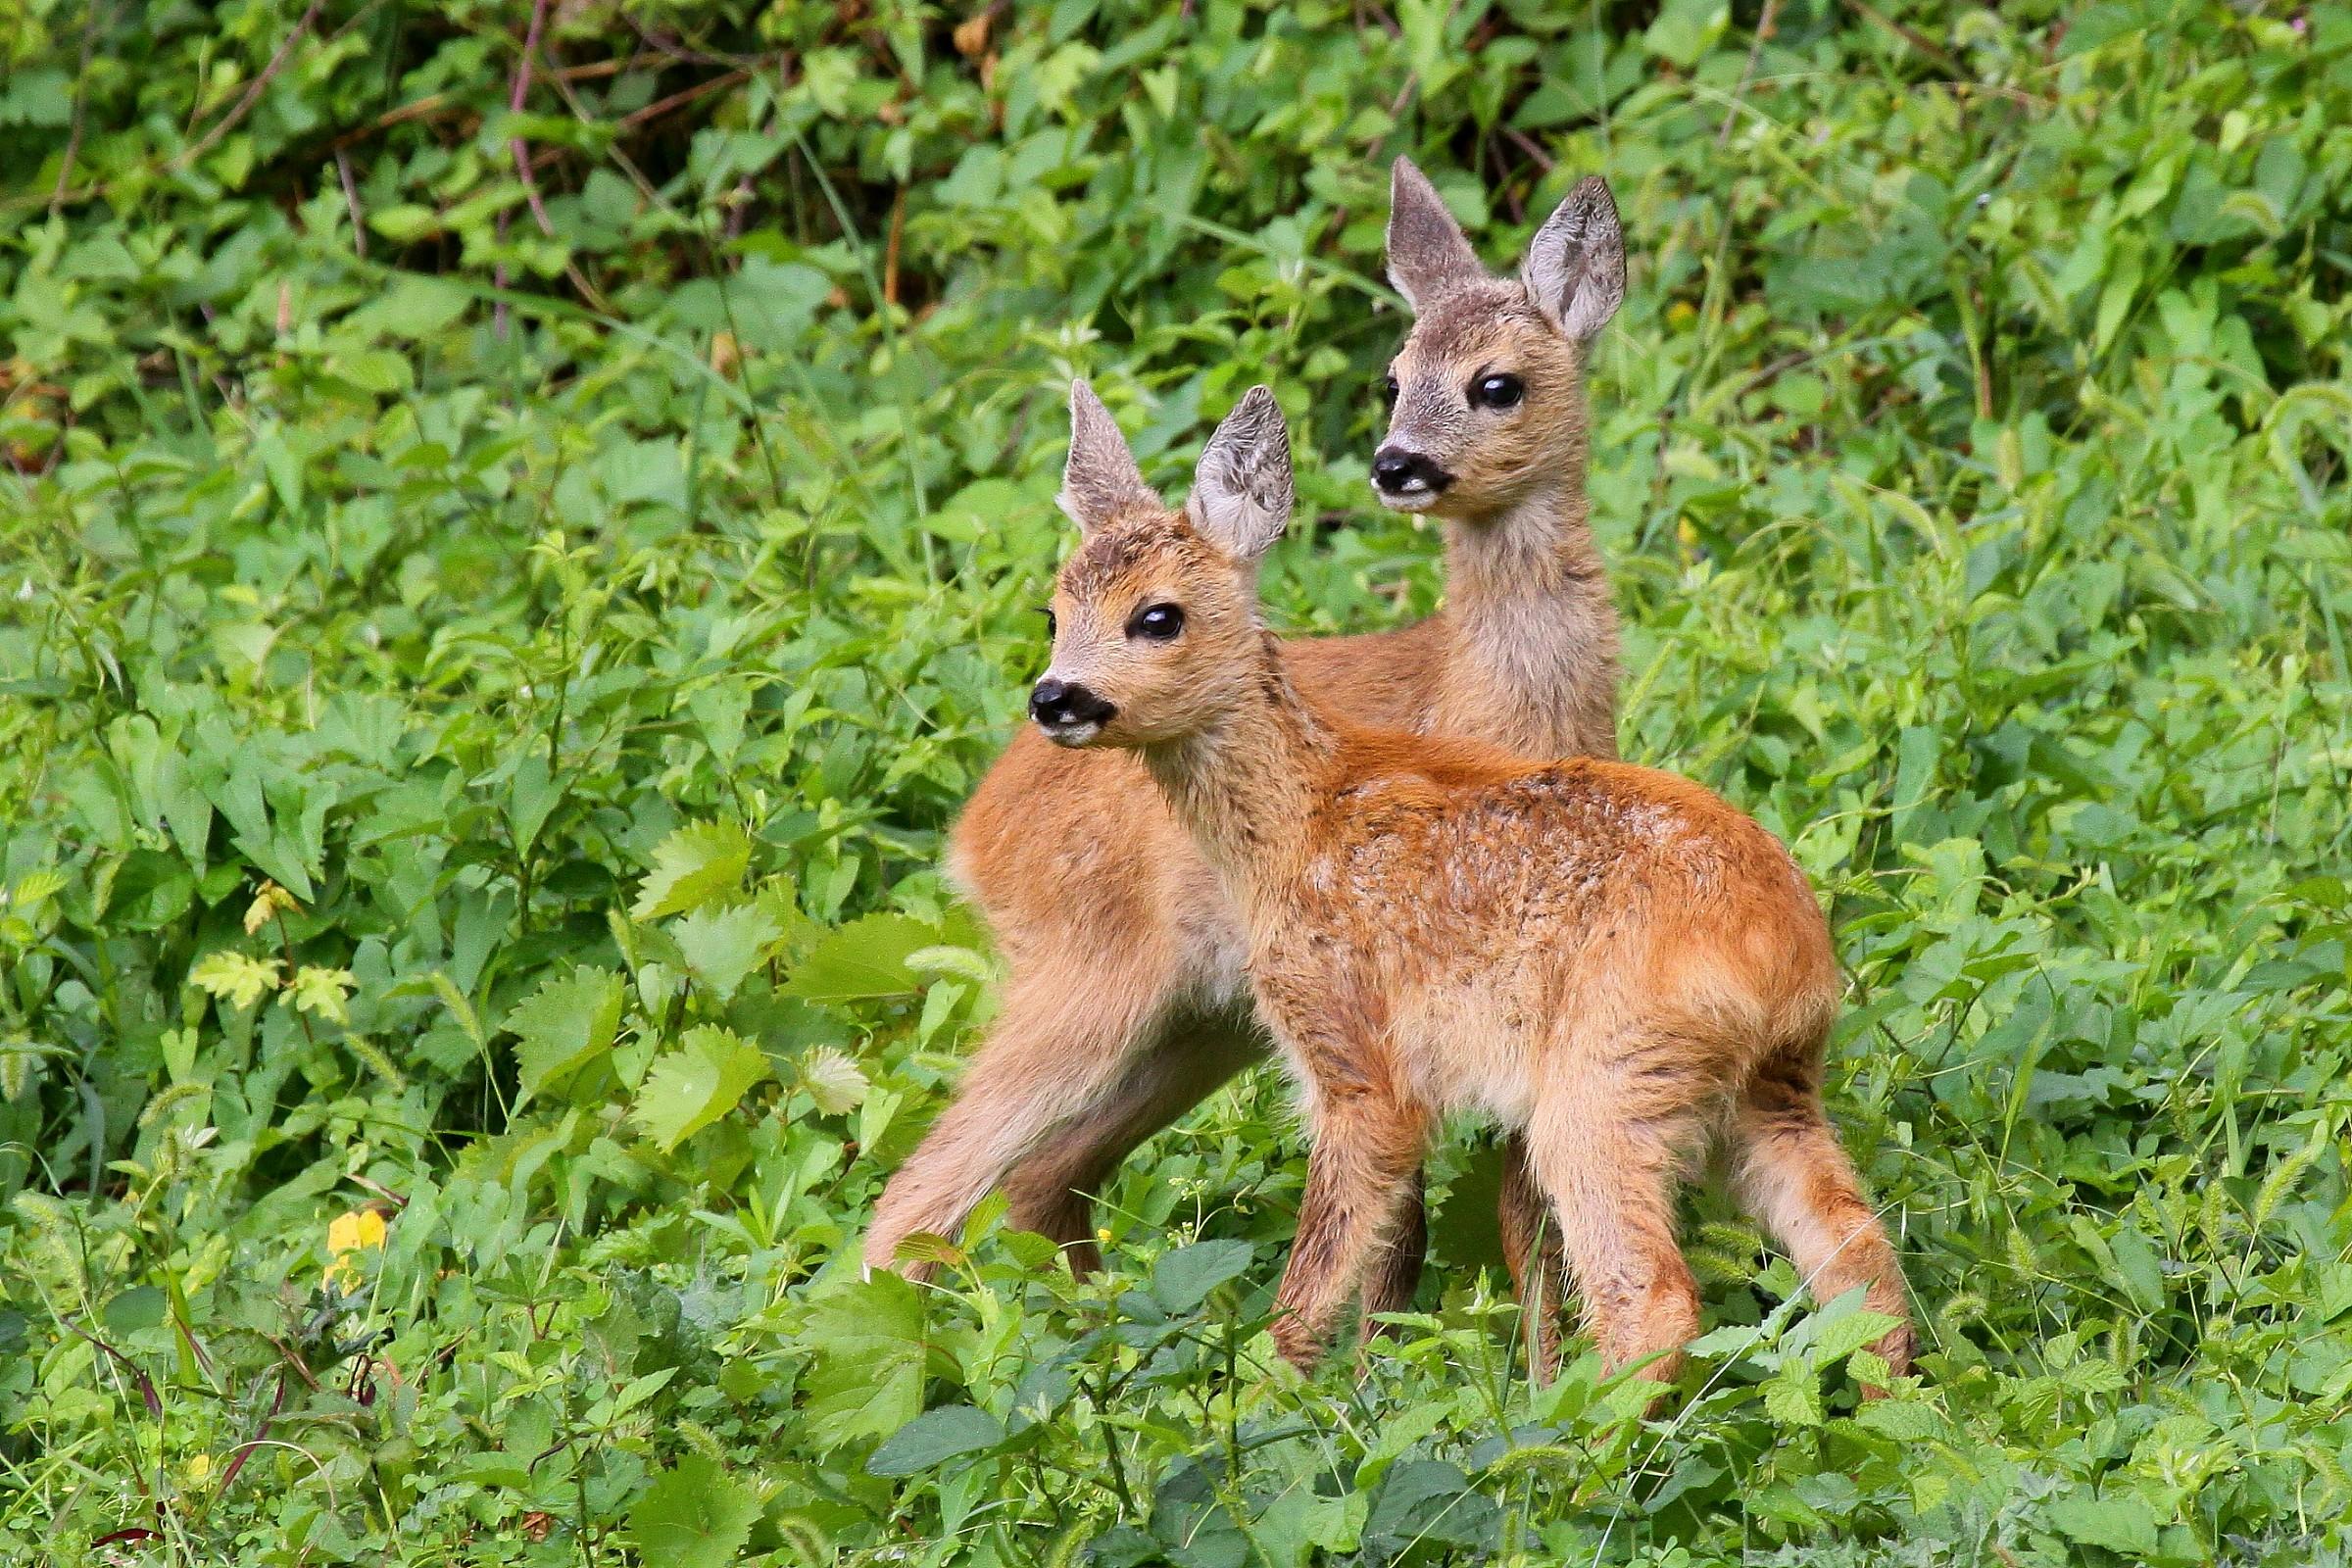 Young deer...